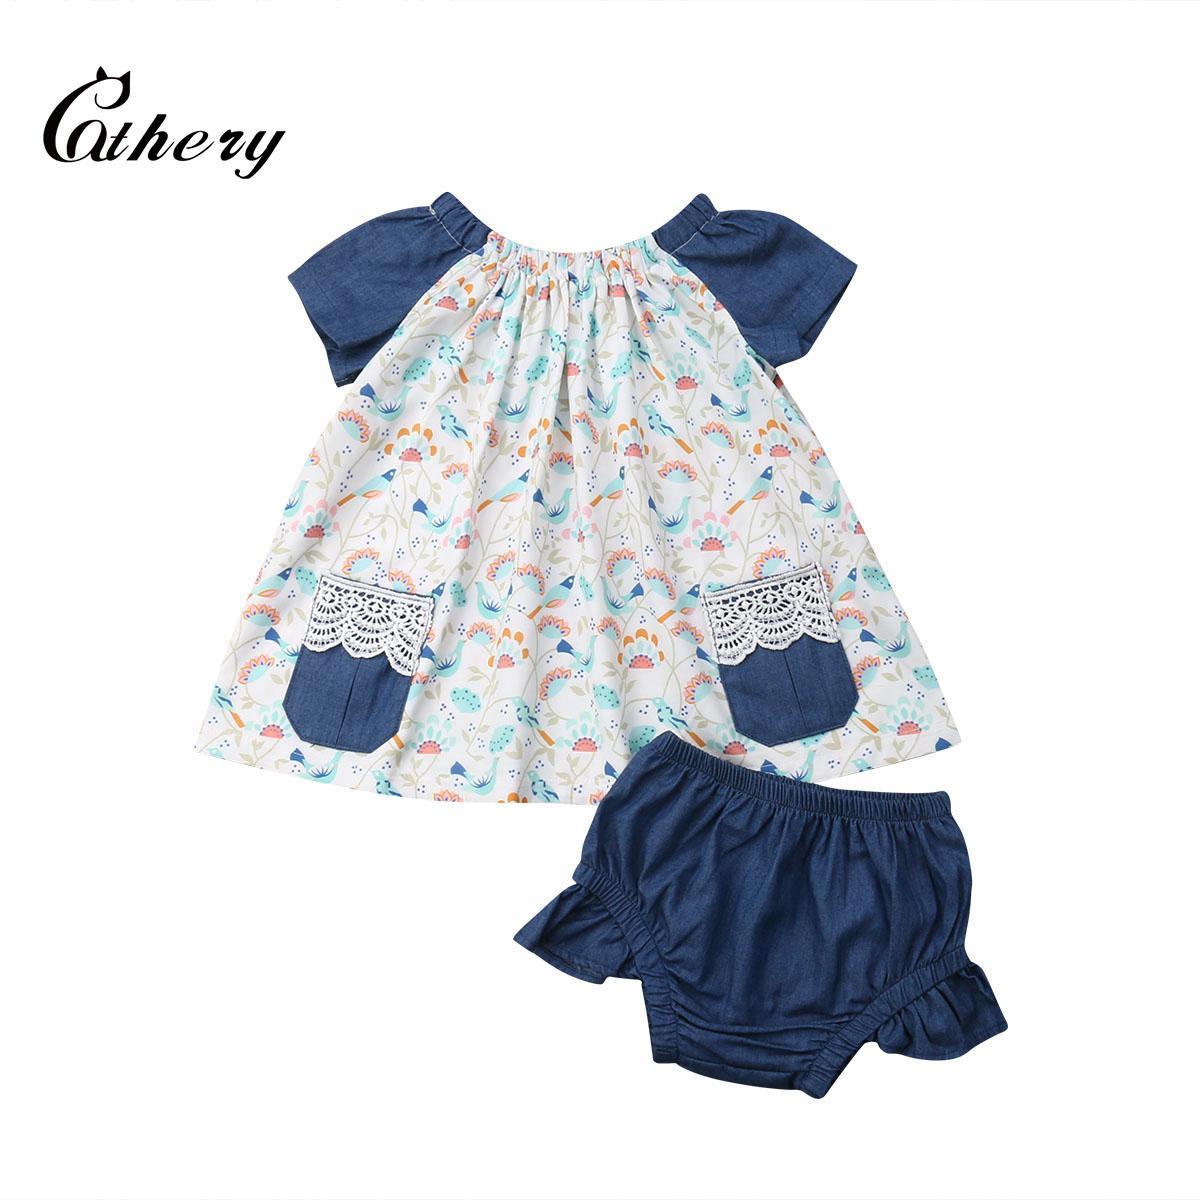 Милый малыш ребенок малыш девушка хлопчатобумажная одежда с коротким рукавом рябить блузка топы+короткие брюки 2шт наряды набор